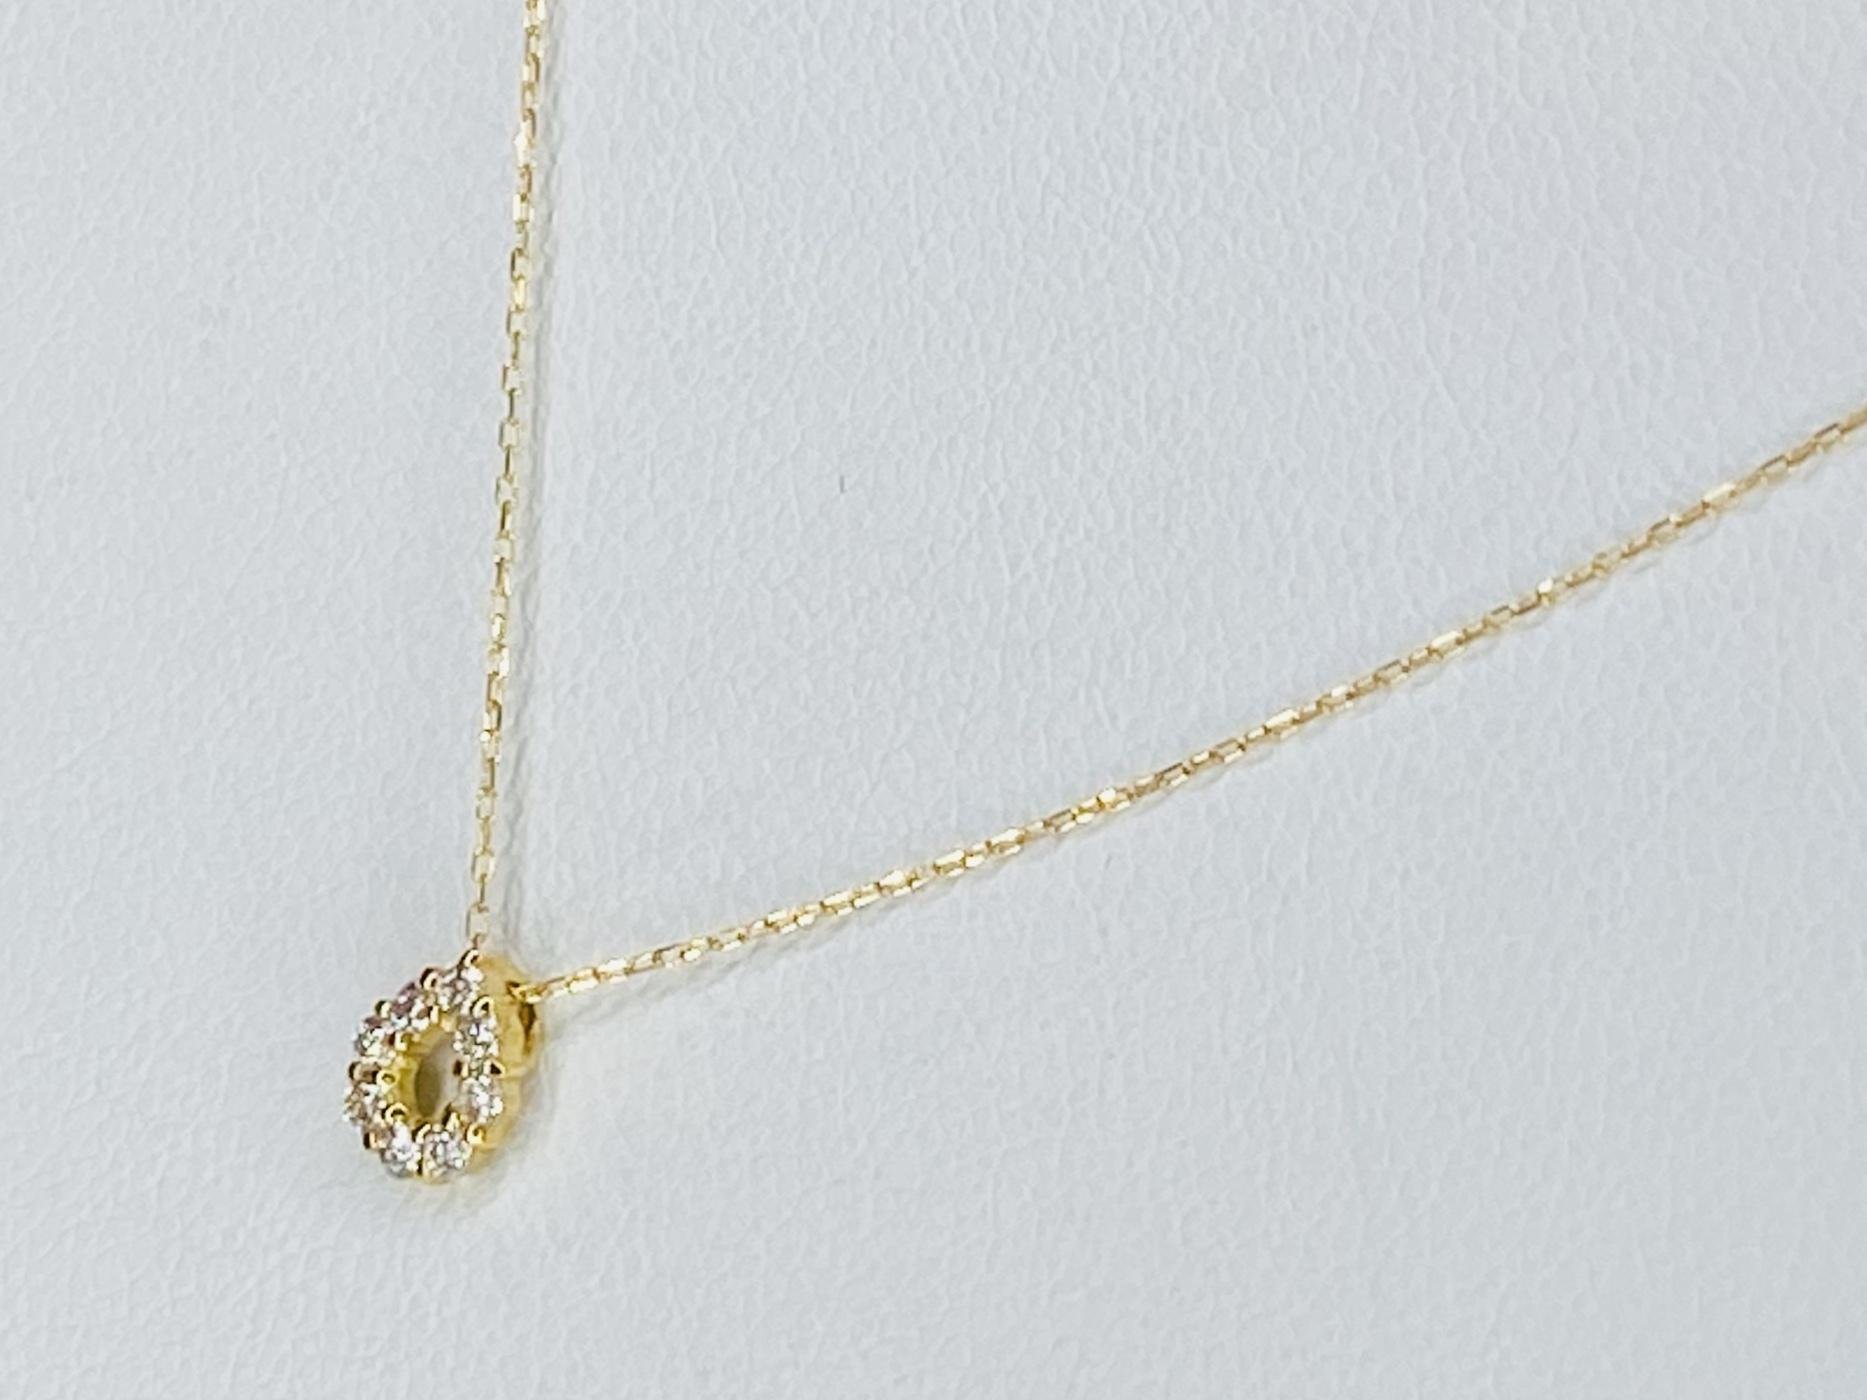 K18 0.1ct ダイヤモンドネックレス ○